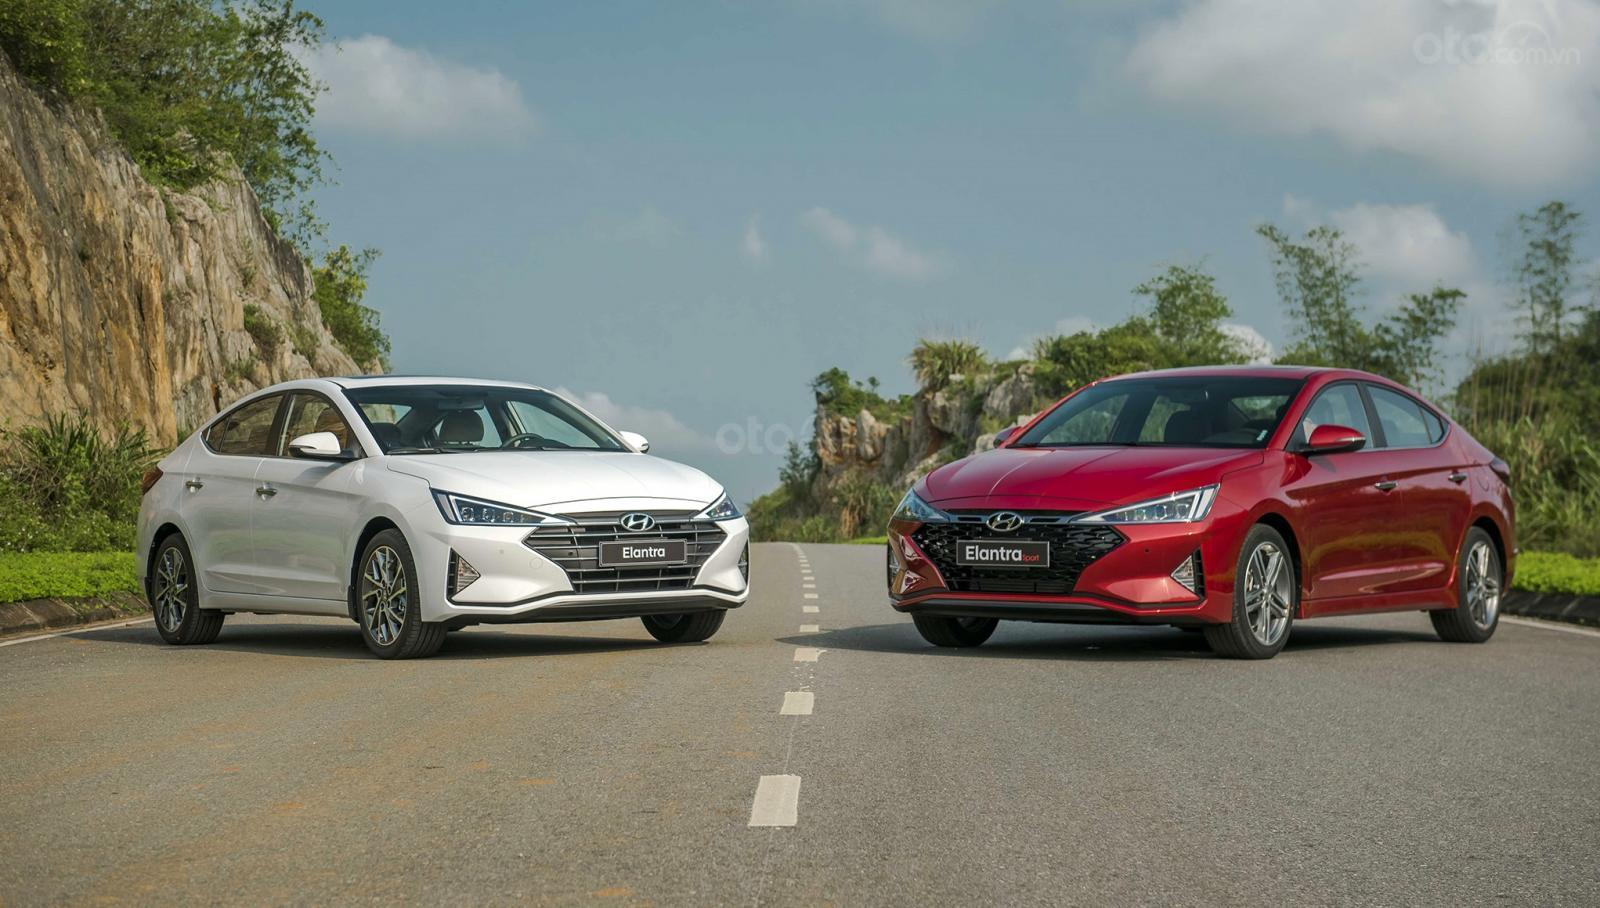 Bảng giá xe ô tô Hyundai mới nhất tháng 9/2019: SantaFe 2019 giá cao nhất 1,245 tỷ đồng - Ảnh 1